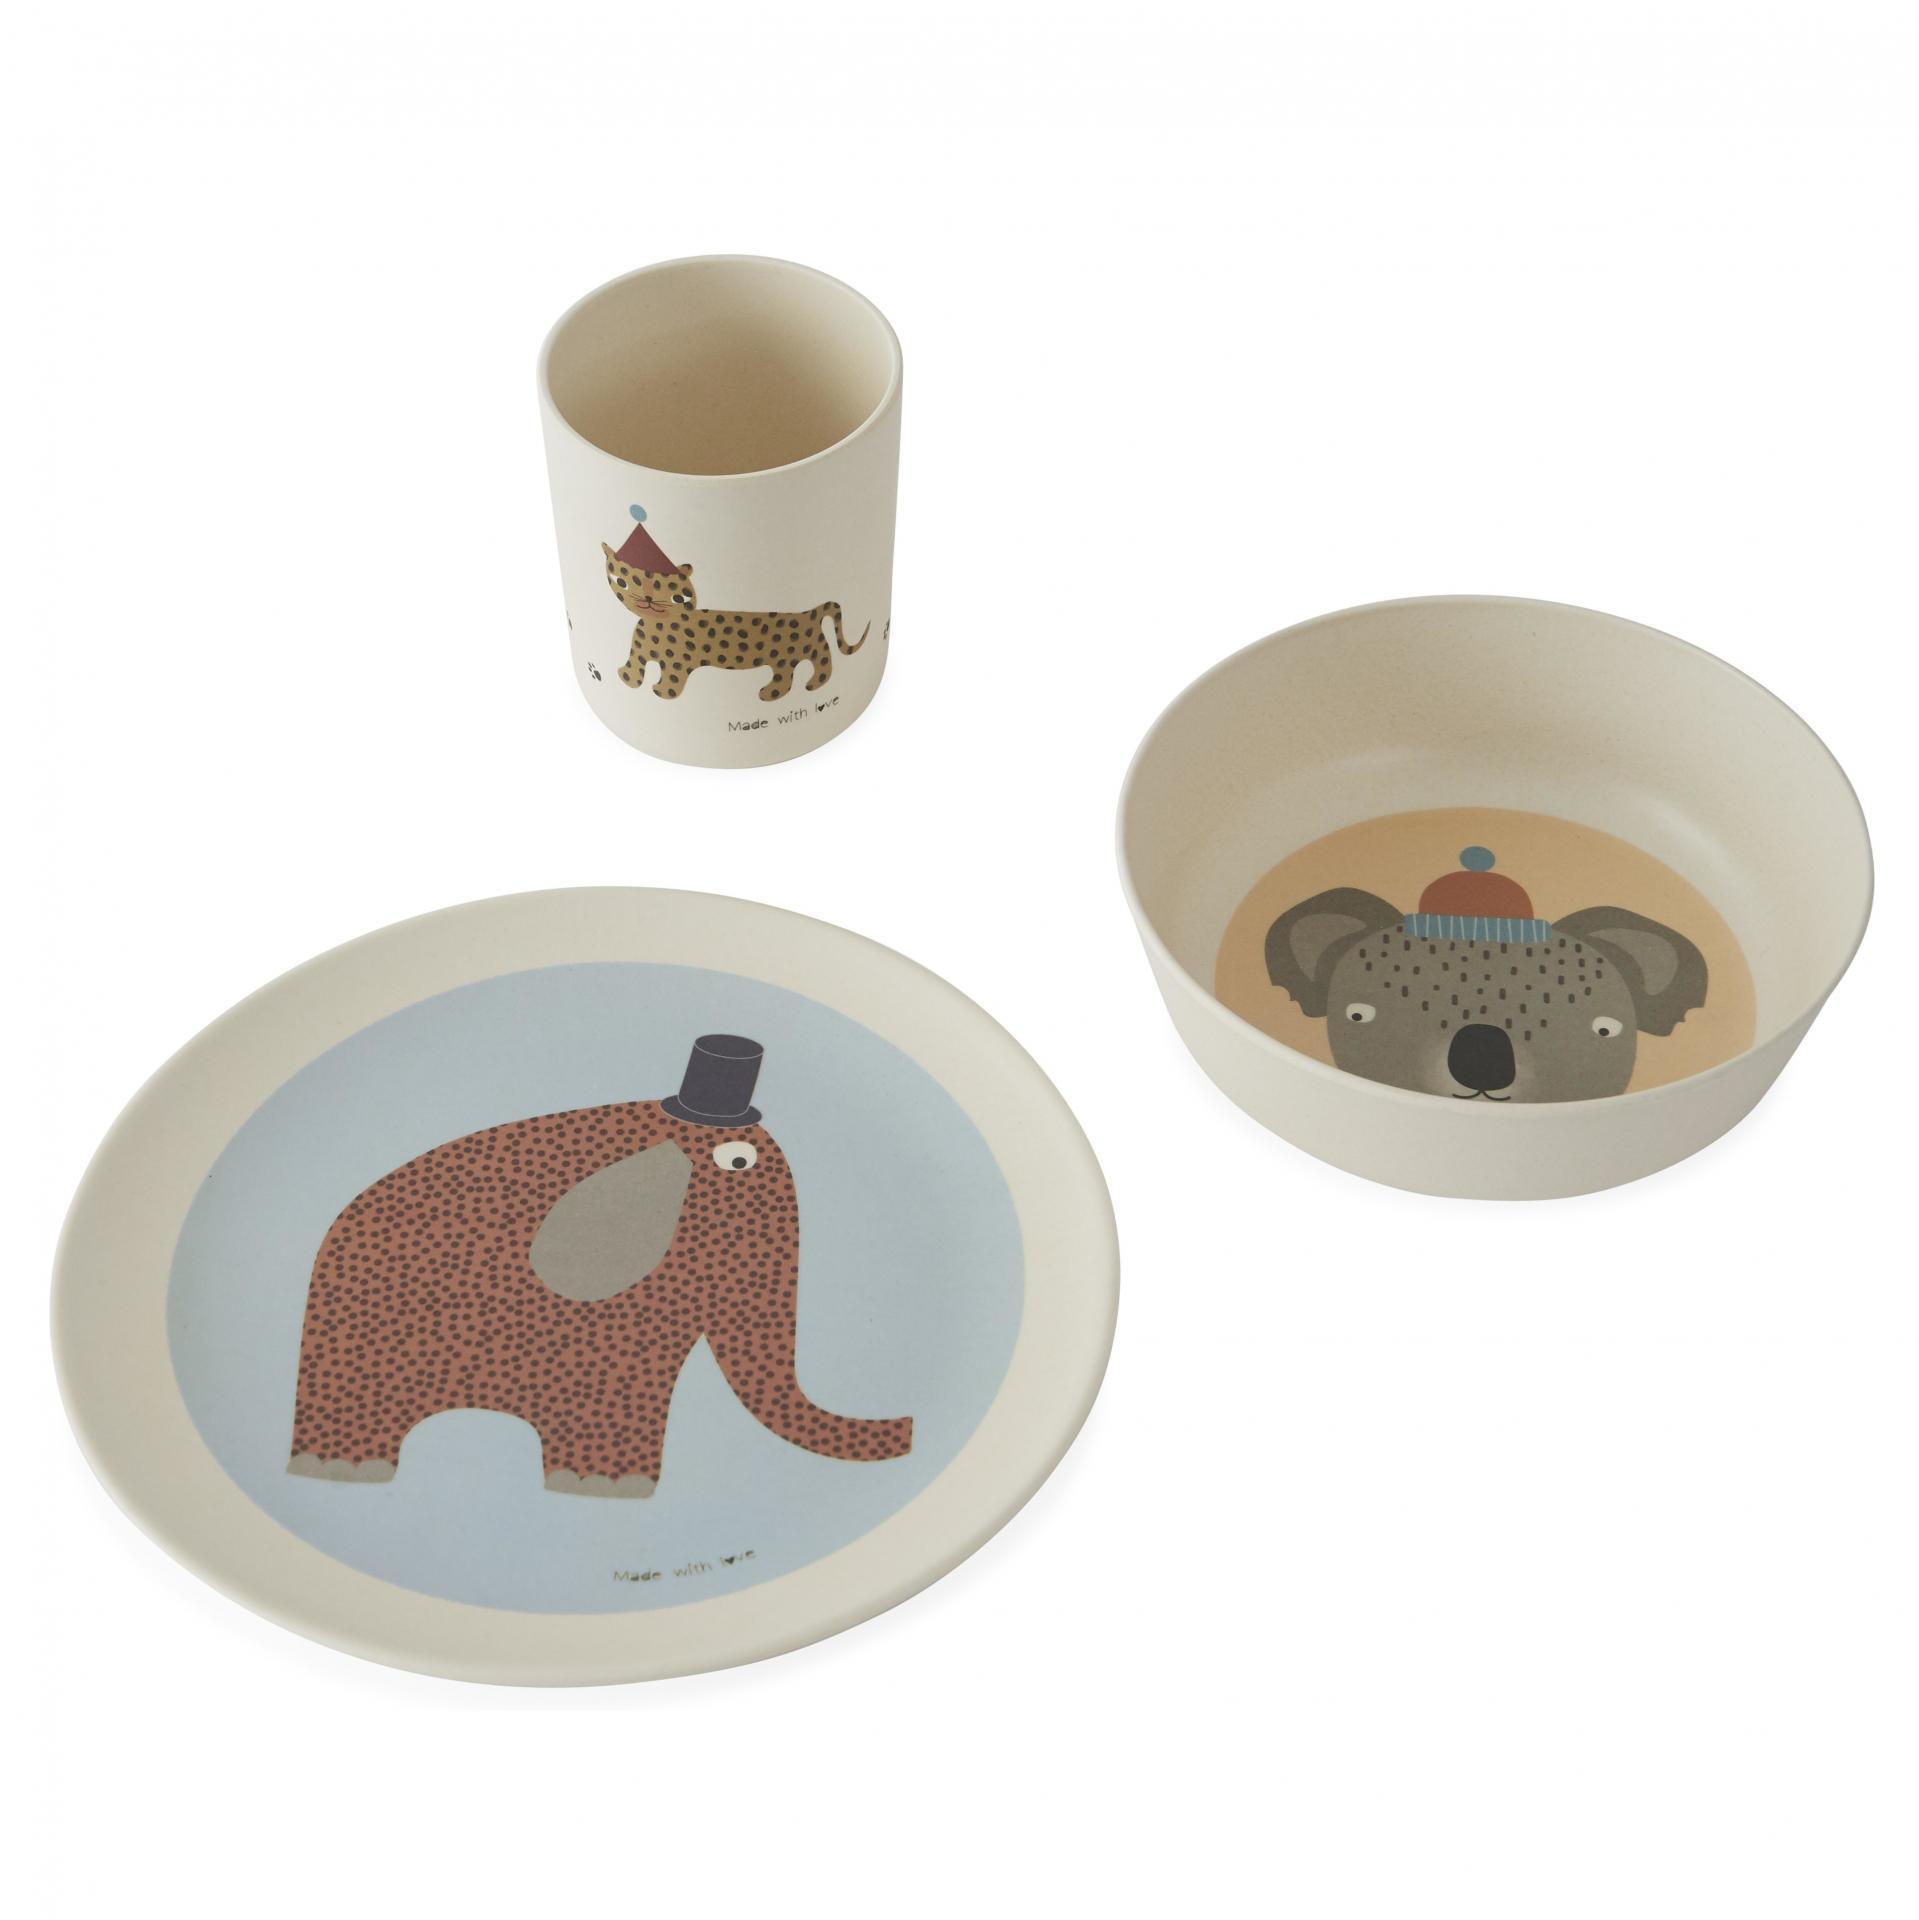 OYOY Bambusové nádobí pro děti Hathi - set 3 ks, béžová barva, multi barva, krémová barva, dřevo, melamin